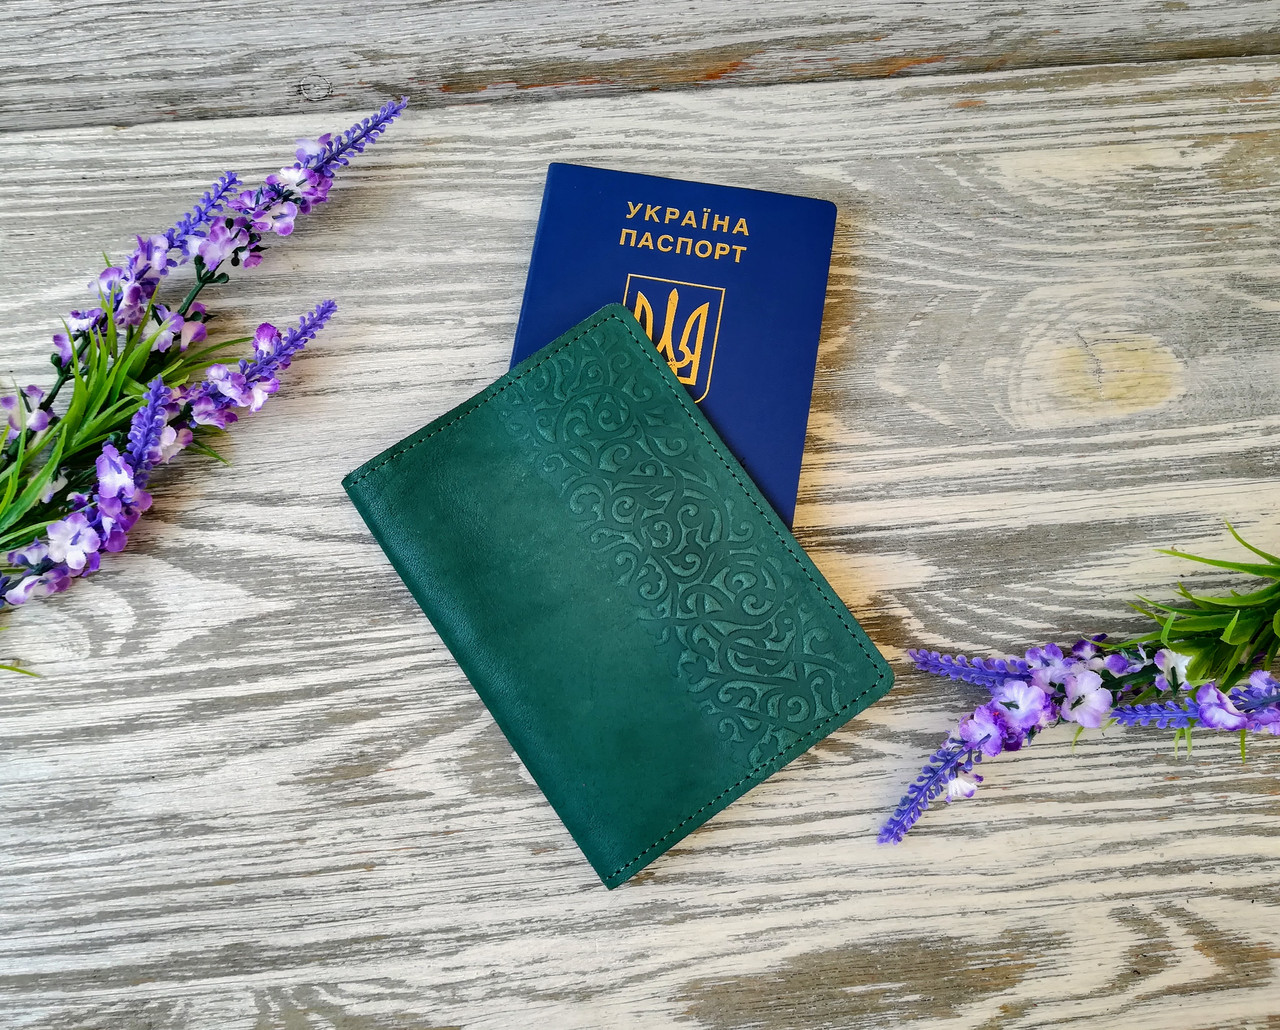 Кожаная обложка зеленая на паспорт загранпаспорт  Украина  с тиснением восточный узор